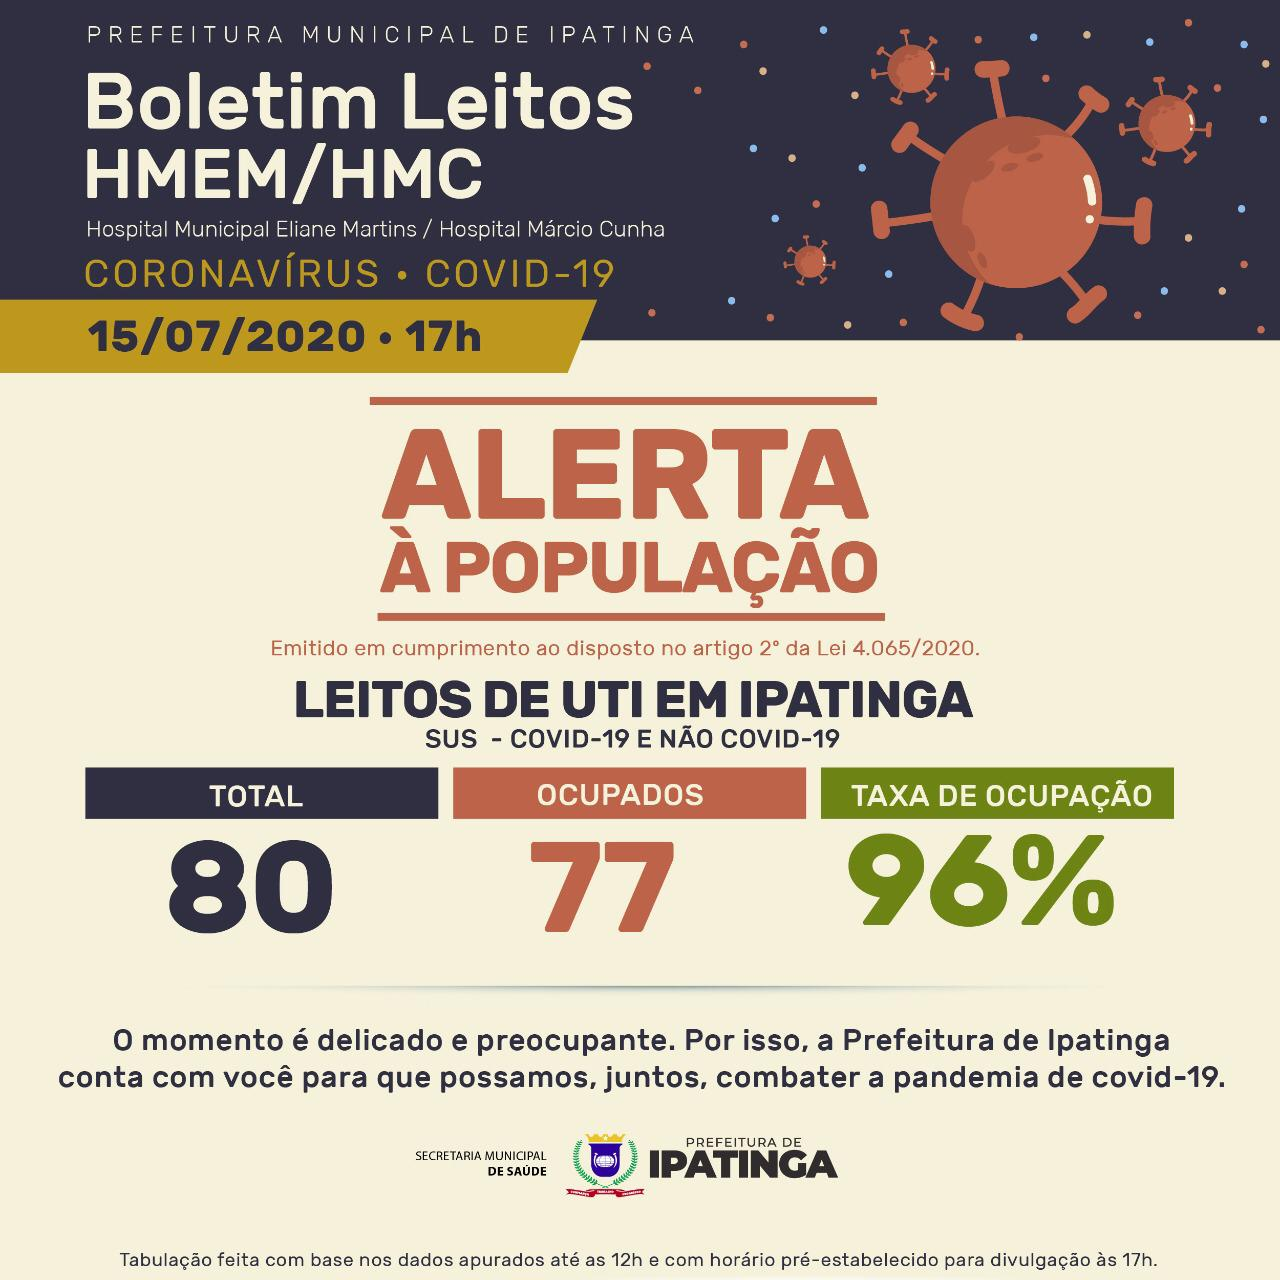 Boletim-ipatinga-15-7-2